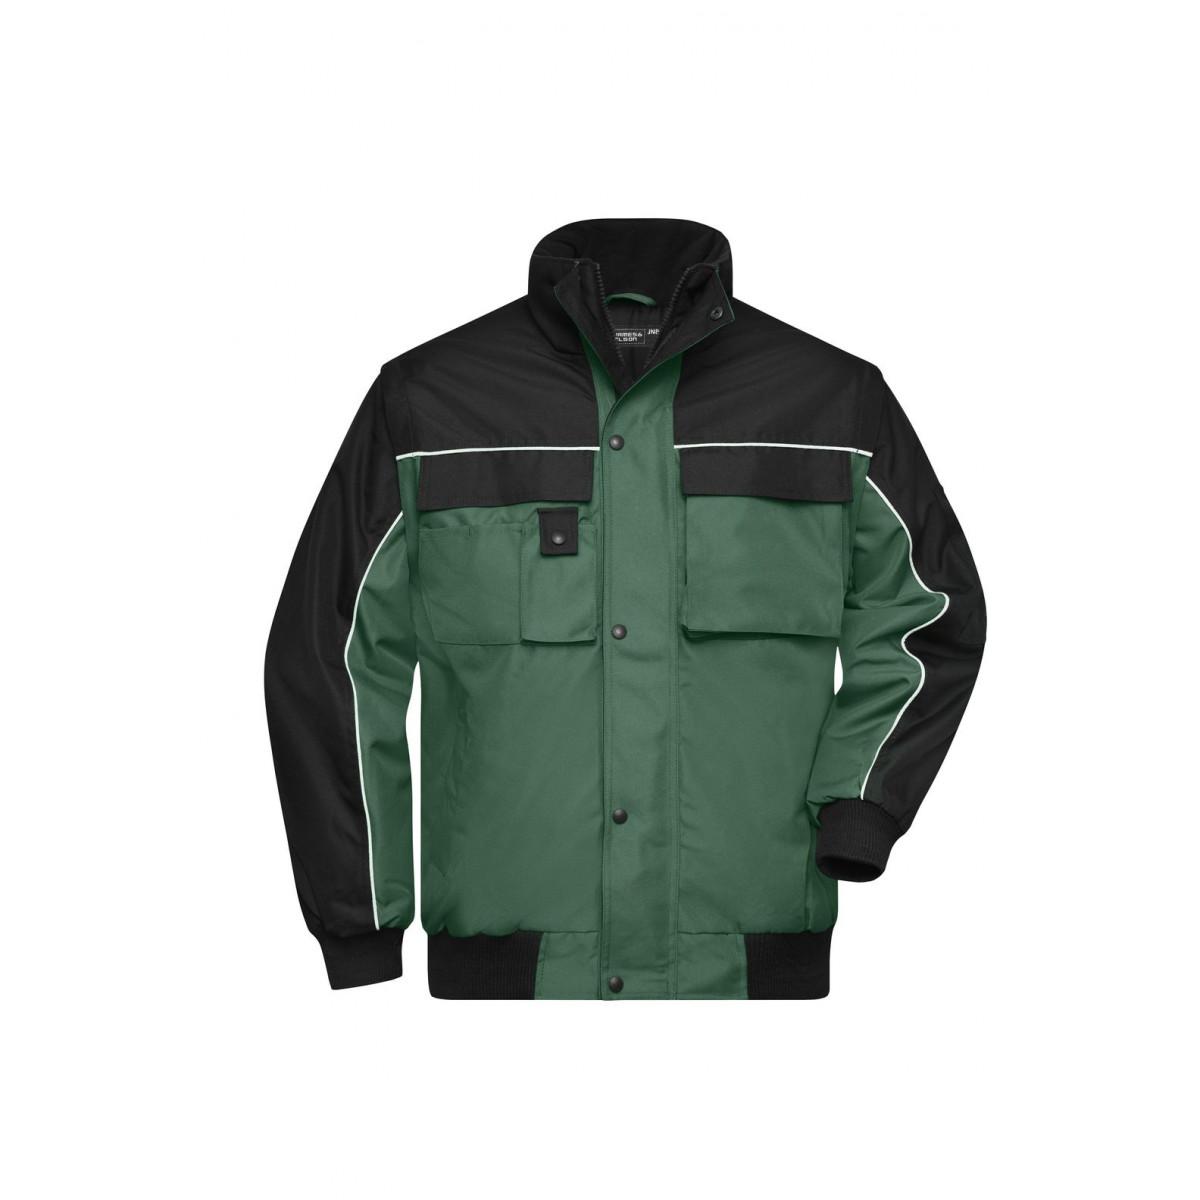 Куртка мужская JN810 Workwear Jacket - Темно-зеленый/Черный